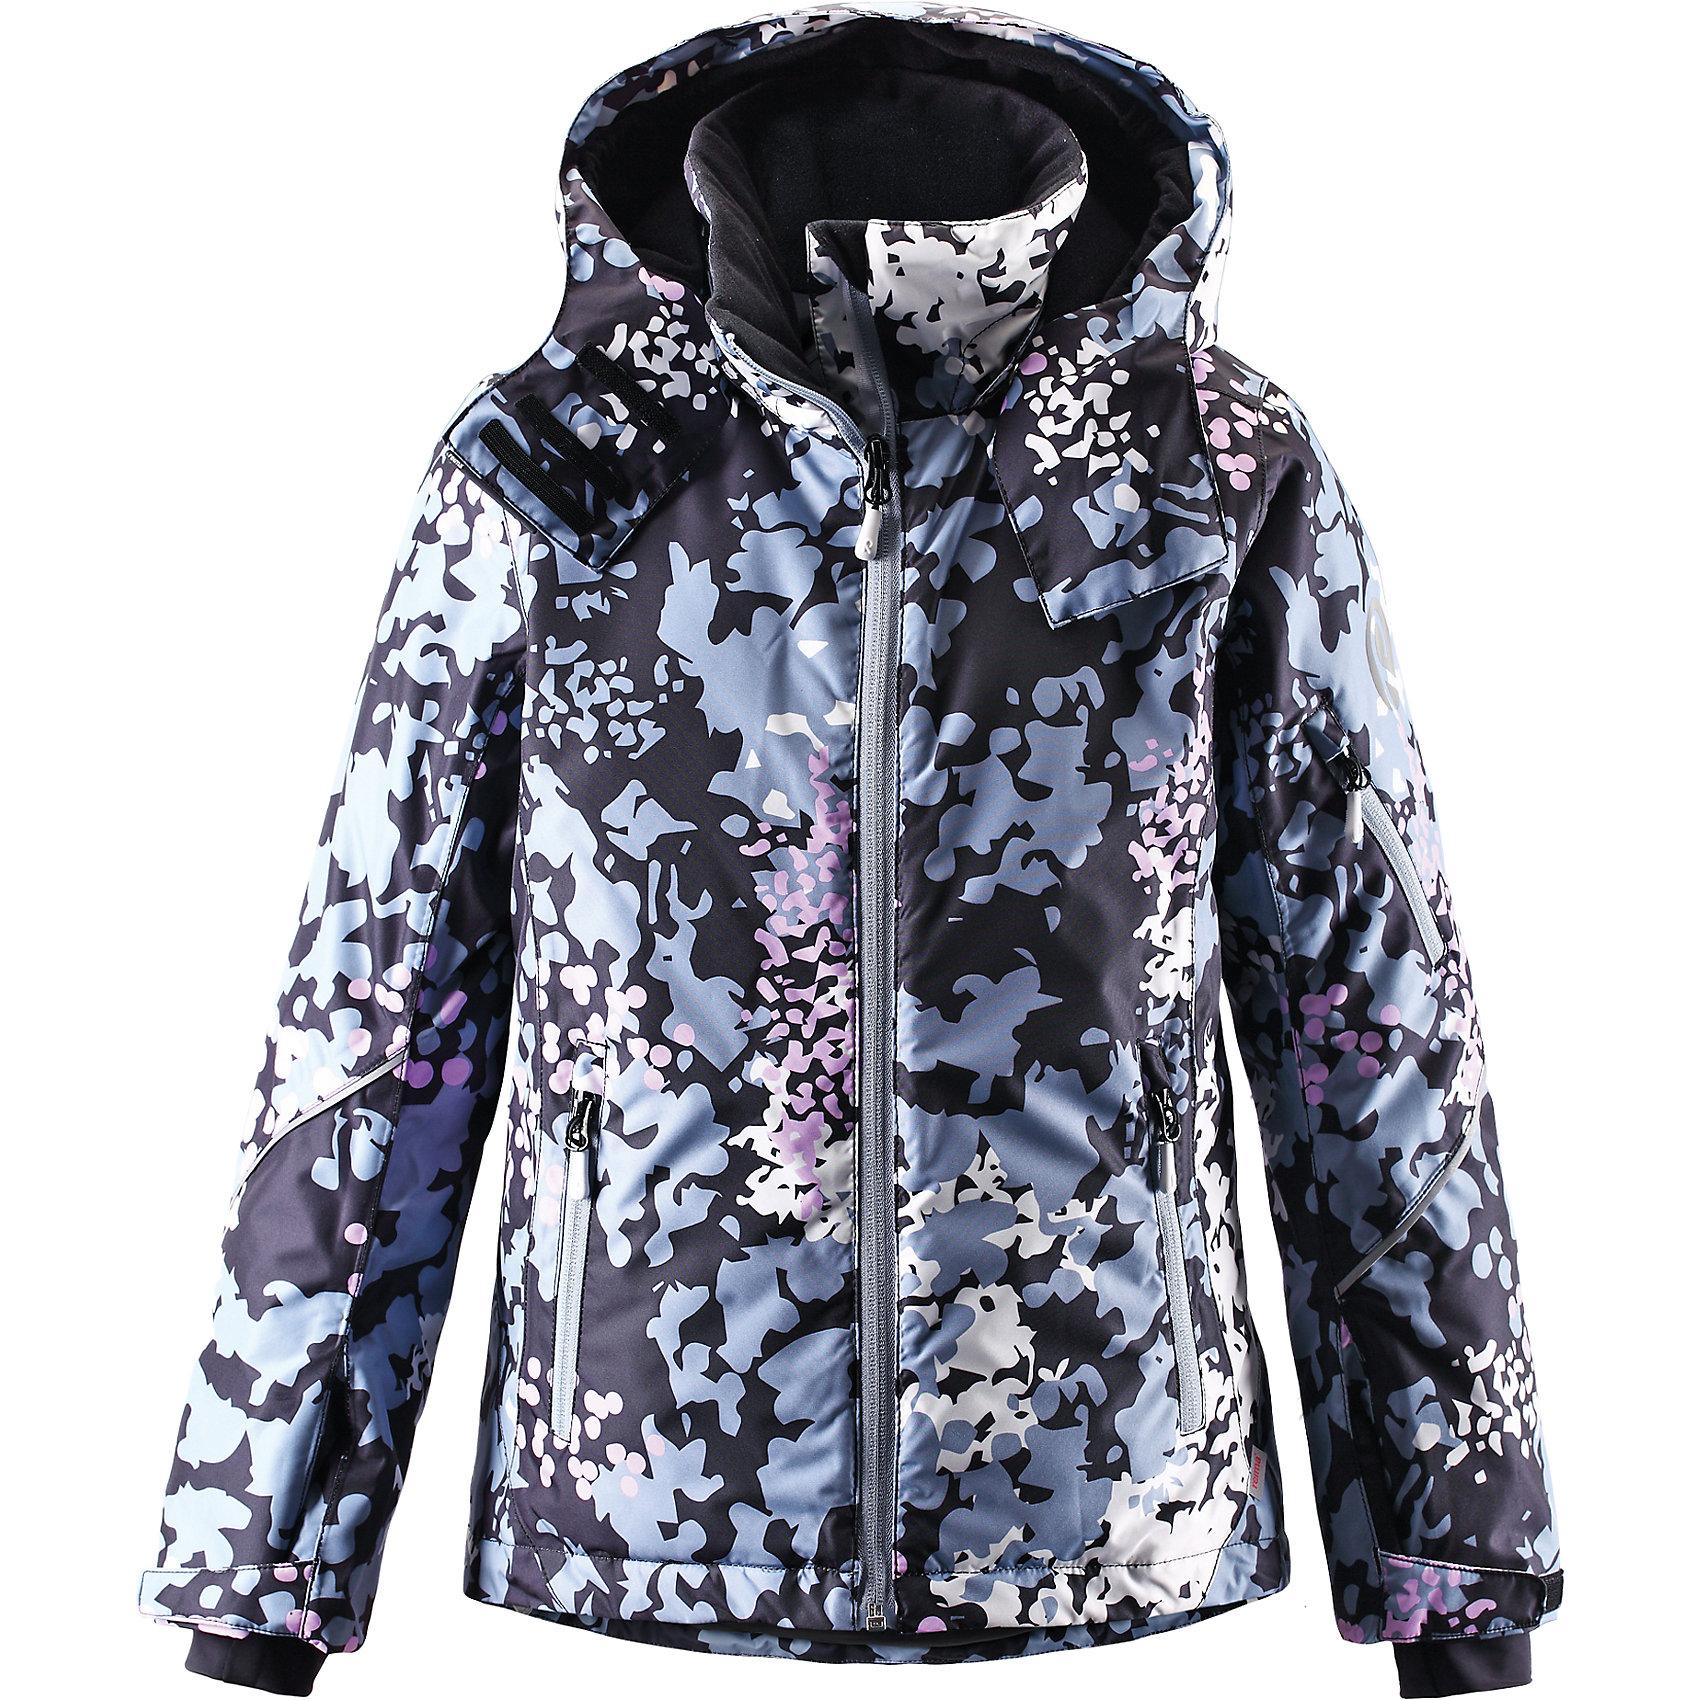 Куртка Glow для девочки ReimaКуртка для девочки Reima<br>Зимняя куртка для подростков. Основные швы проклеены и не пропускают влагу. Водо- и ветронепроницаемый, «дышащий» и грязеотталкивающий материал. Крой для девочек. Гладкая подкладка из полиэстра. Безопасный, отстегивающийся и регулируемый капюшон. Регулируемые манжеты и внутренние манжеты из лайкры. Регулируемый подол, снегозащитный манжет на талии. Новая усовершенствованная молния — больше не застревает! Карманы на молнии, карман для skipass на рукаве. Карман для очков и внутренний нагрудный карман. Принт по всей поверхности.<br>Утеплитель: Reima® Flex insulation,140 g<br>Уход:<br>Стирать по отдельности, вывернув наизнанку. Застегнуть молнии и липучки. Стирать моющим средством, не содержащим отбеливающие вещества. Полоскать без специального средства. Во избежание изменения цвета изделие необходимо вынуть из стиральной машинки незамедлительно после окончания программы стирки. Сушить при низкой температуре.<br>Состав:<br>100% Полиамид, полиуретановое покрытие<br><br>Ширина мм: 356<br>Глубина мм: 10<br>Высота мм: 245<br>Вес г: 519<br>Цвет: голубой<br>Возраст от месяцев: 36<br>Возраст до месяцев: 48<br>Пол: Женский<br>Возраст: Детский<br>Размер: 104,164,140,110,116,122,128,134,146,152,158<br>SKU: 4778633